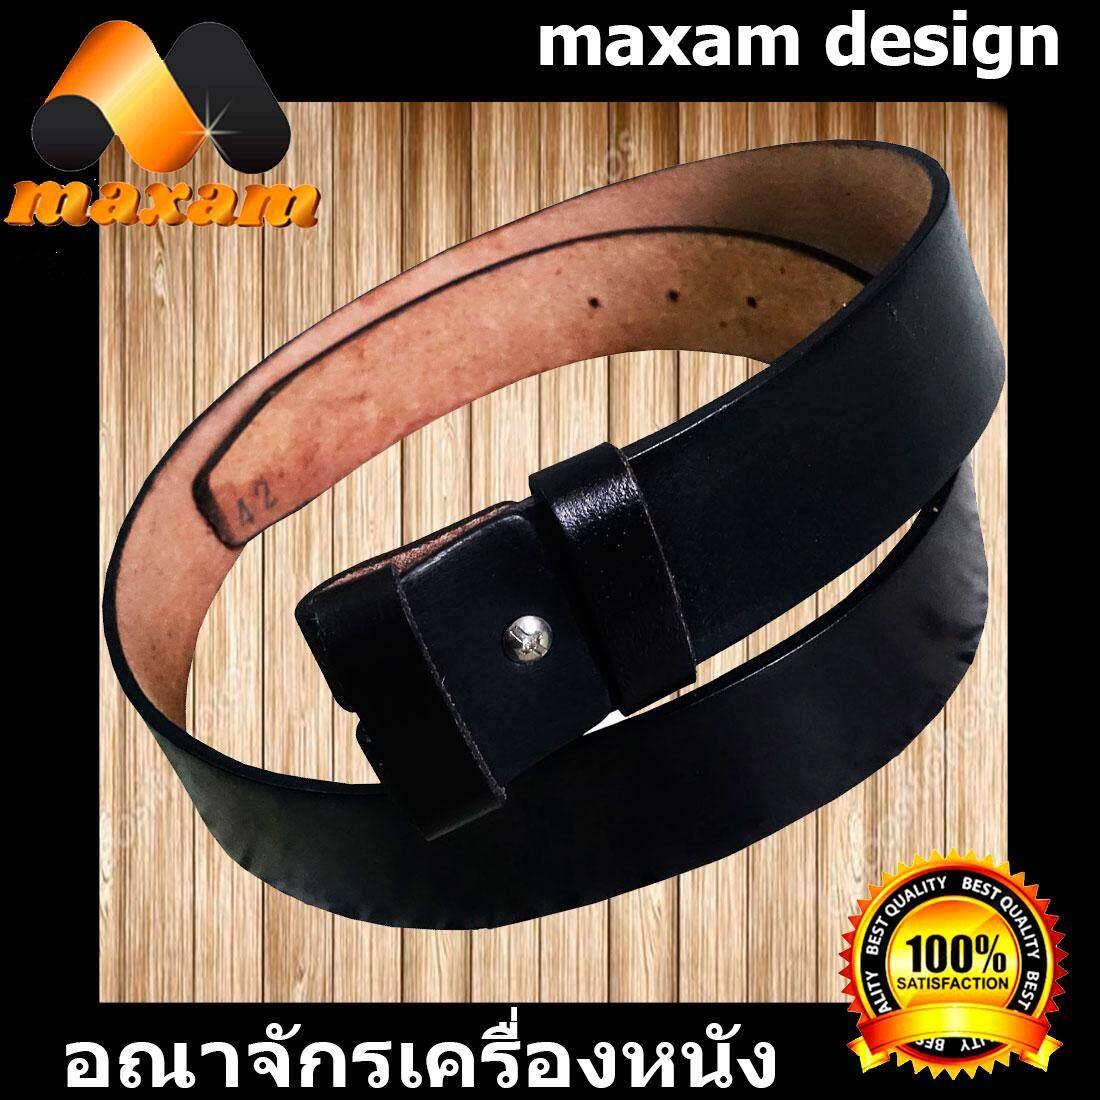 maxam design  ต้องใช้หนังแท้สิ! Genuine Cowhide Leather ใช้ของแท้ ใช้ทน ใช้นานใด้หลายปี นิศิตนักศึกษาชอบใช้  สายเข็มขัดหนังวัวอย่างแท้ๆ ยาวตลอดเส้น  54 นิ้ว เหมาะสำหรับท่านที่มีเอว  46-47-48-49 นิ้ว สีดำ   maxam design